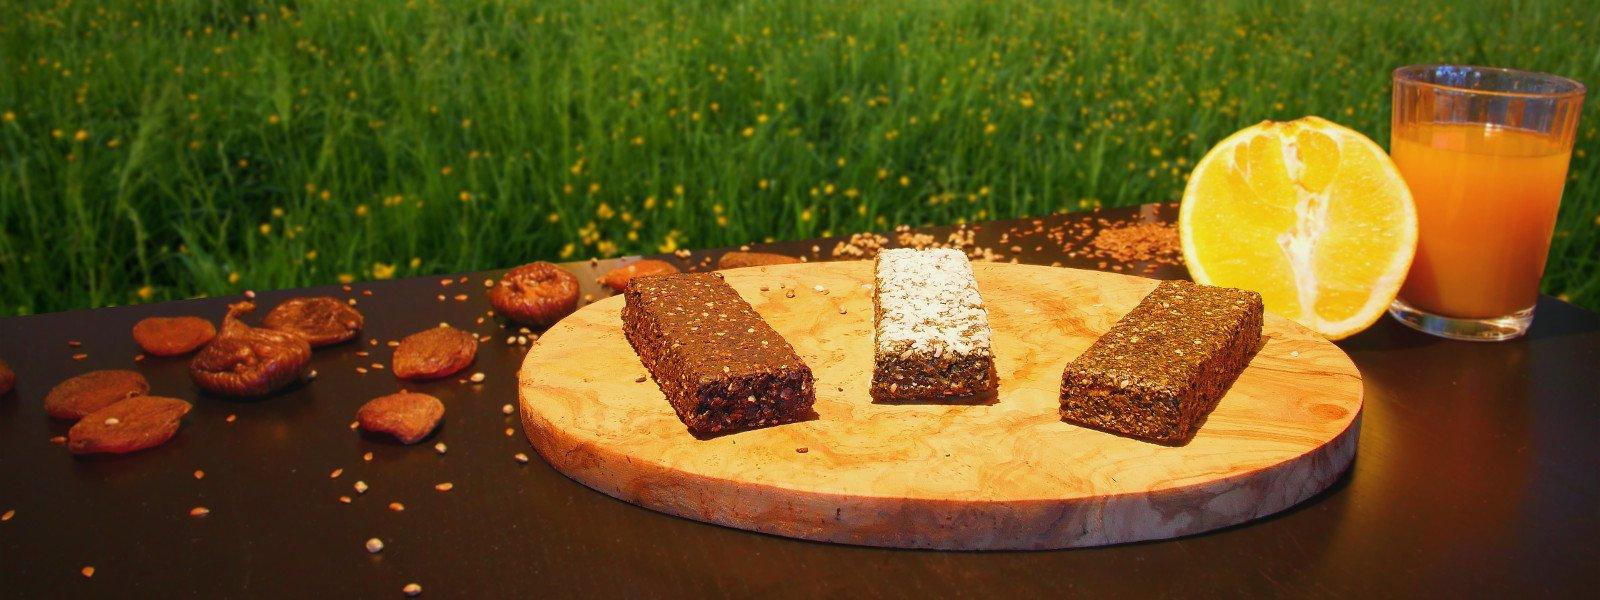 Probierset Müsliriegel aus eisenhaltigen Lebensmitteln zur Vorbeugung von Eisenmangel Slider 1